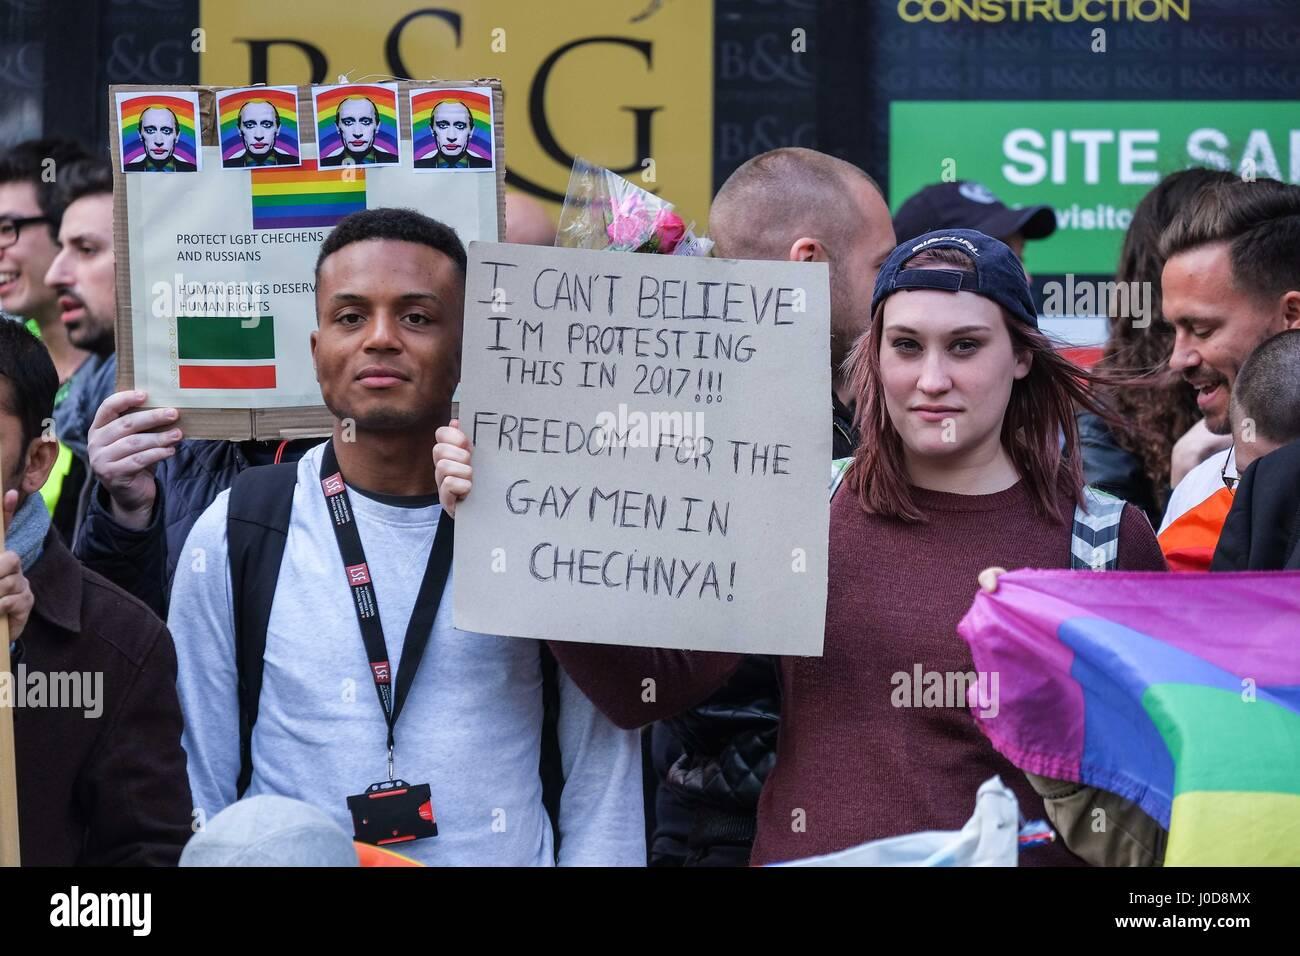 Gay community uk